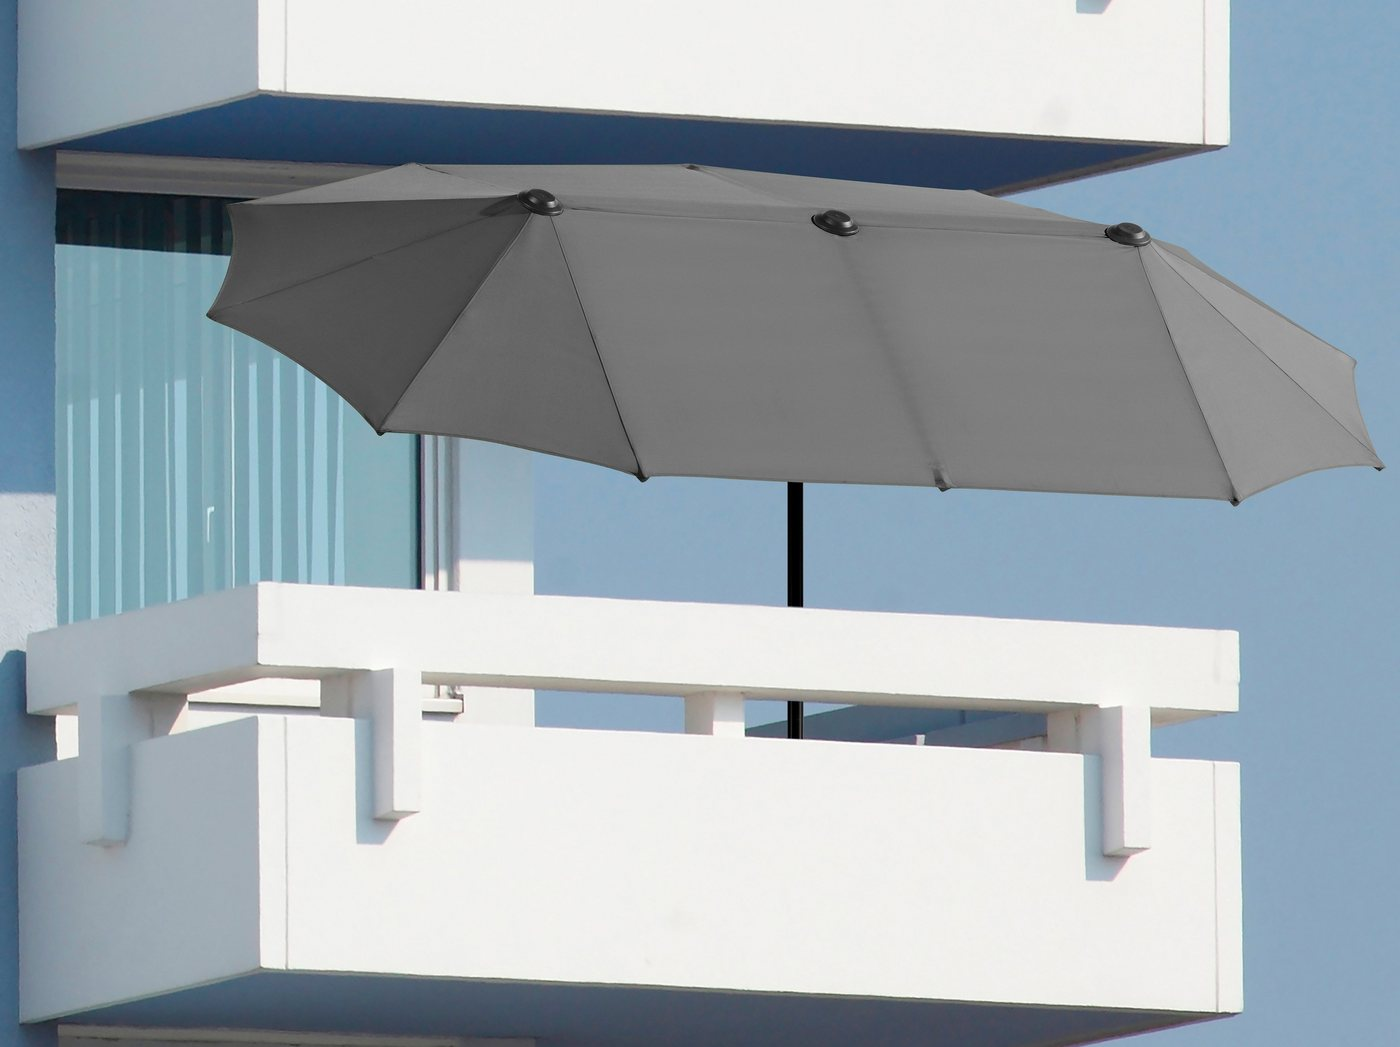 Schneider Schirme SCHNEIDER SCHIRME Sonnenschirm Salerno 300x150 Cm Inkl Schutzhulle